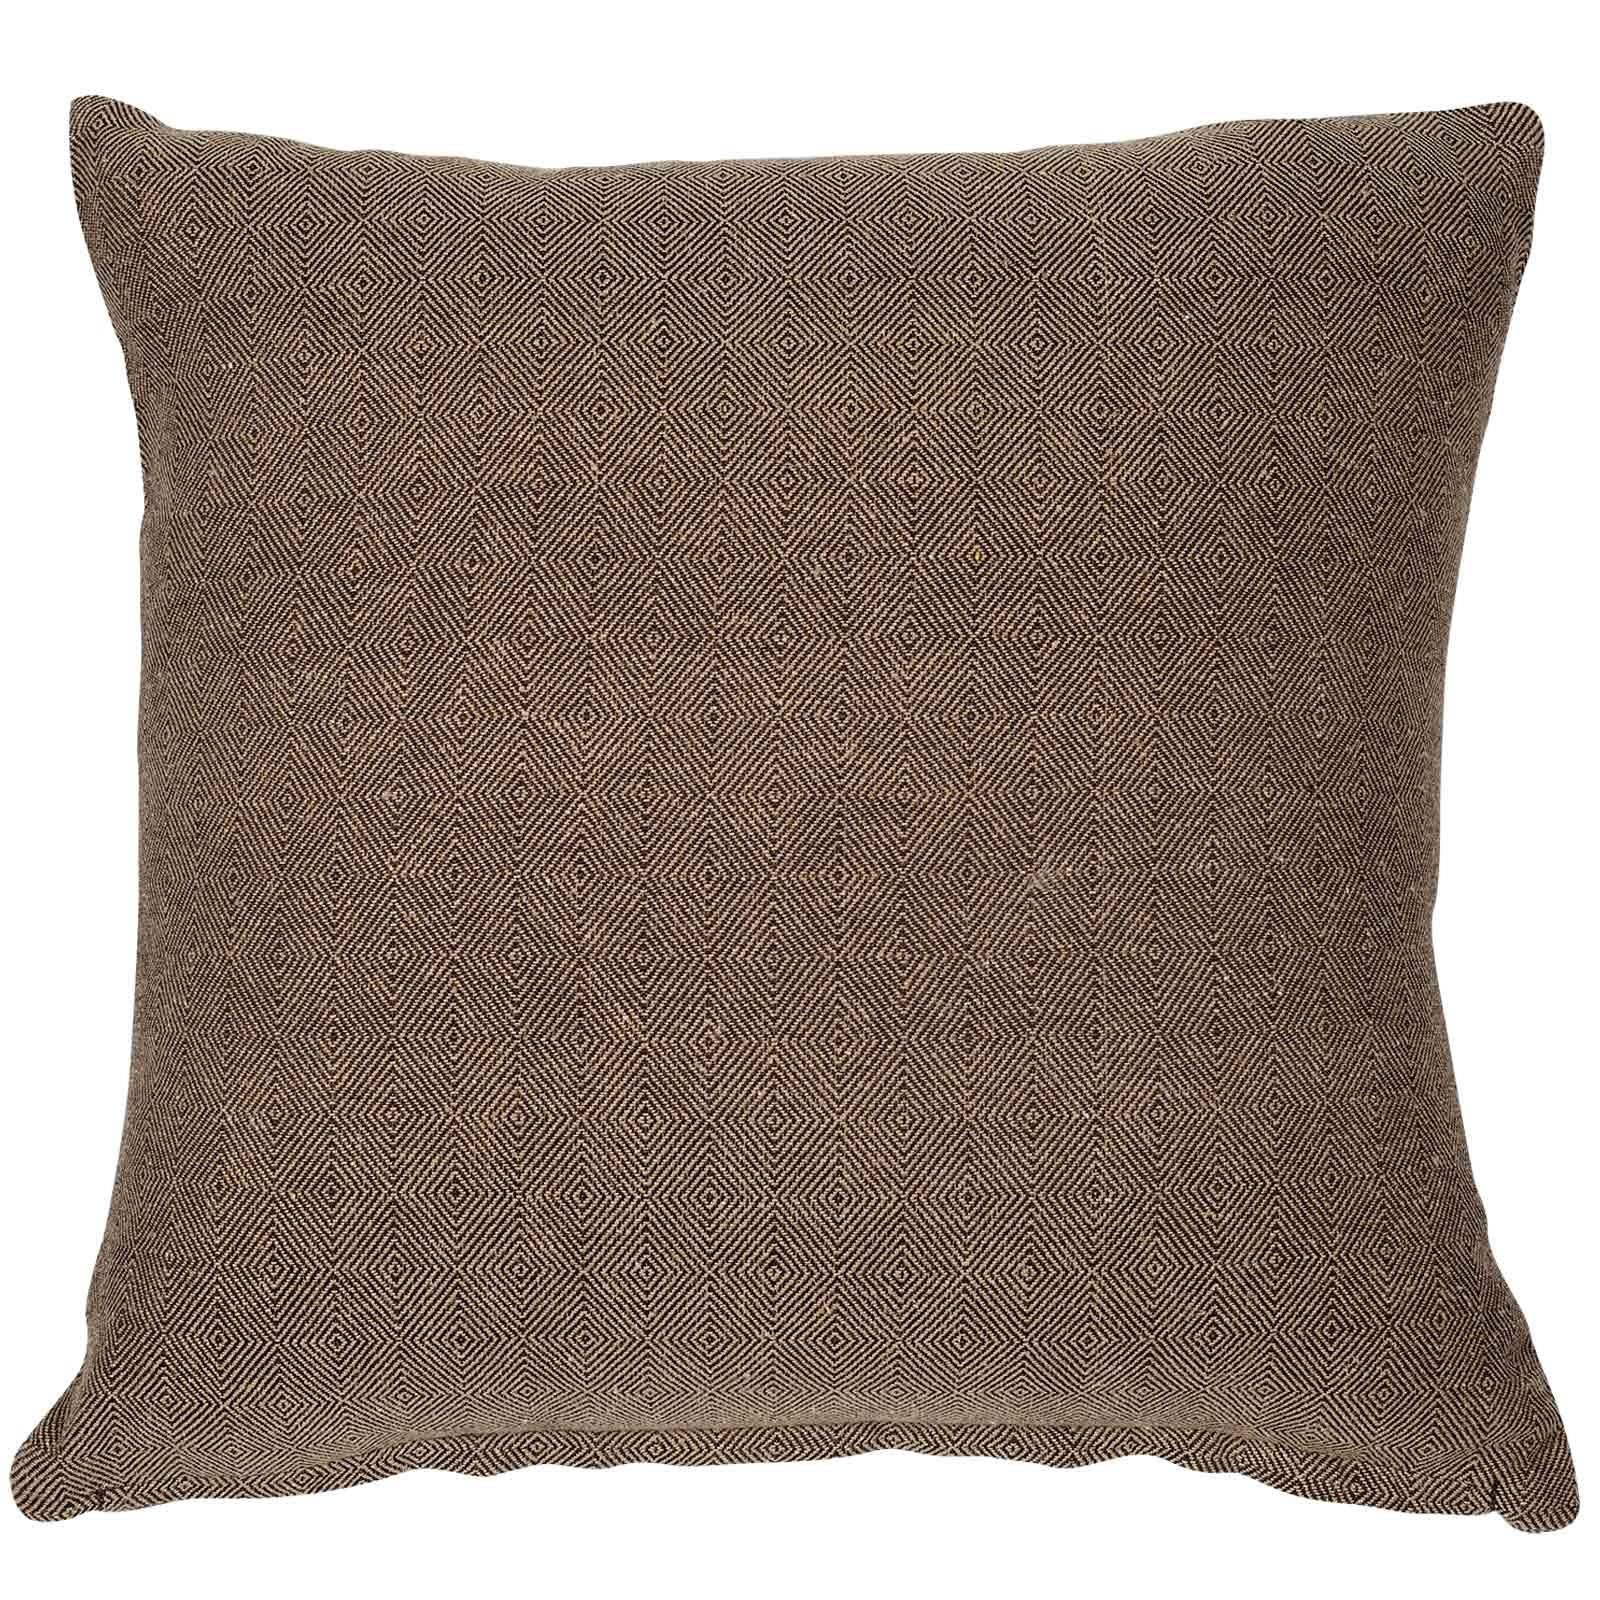 Μαξιλάρι Διακοσμητικό (Με Γέμιση) 0212 Ocher Das Home 40Χ40 Βαμβάκι-Polyester